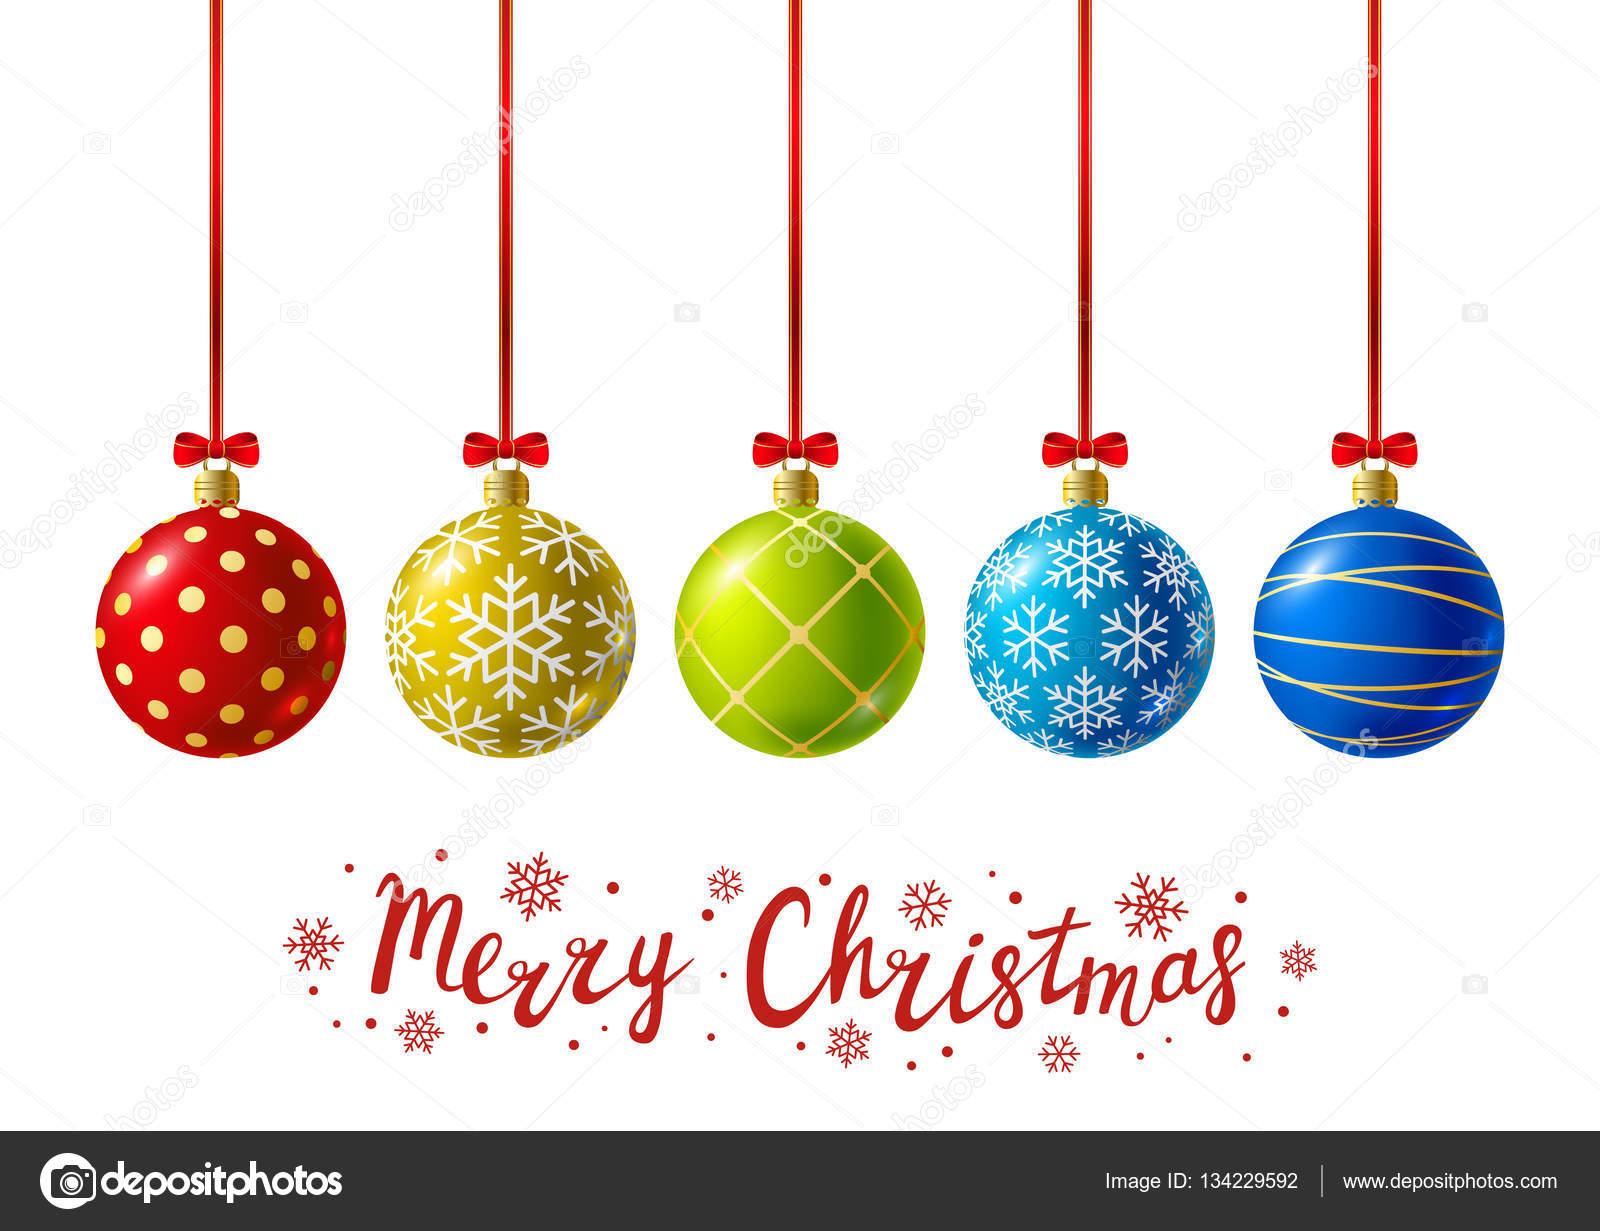 Bolas de Navidad con texto de color — Archivo Imágenes Vectoriales ...